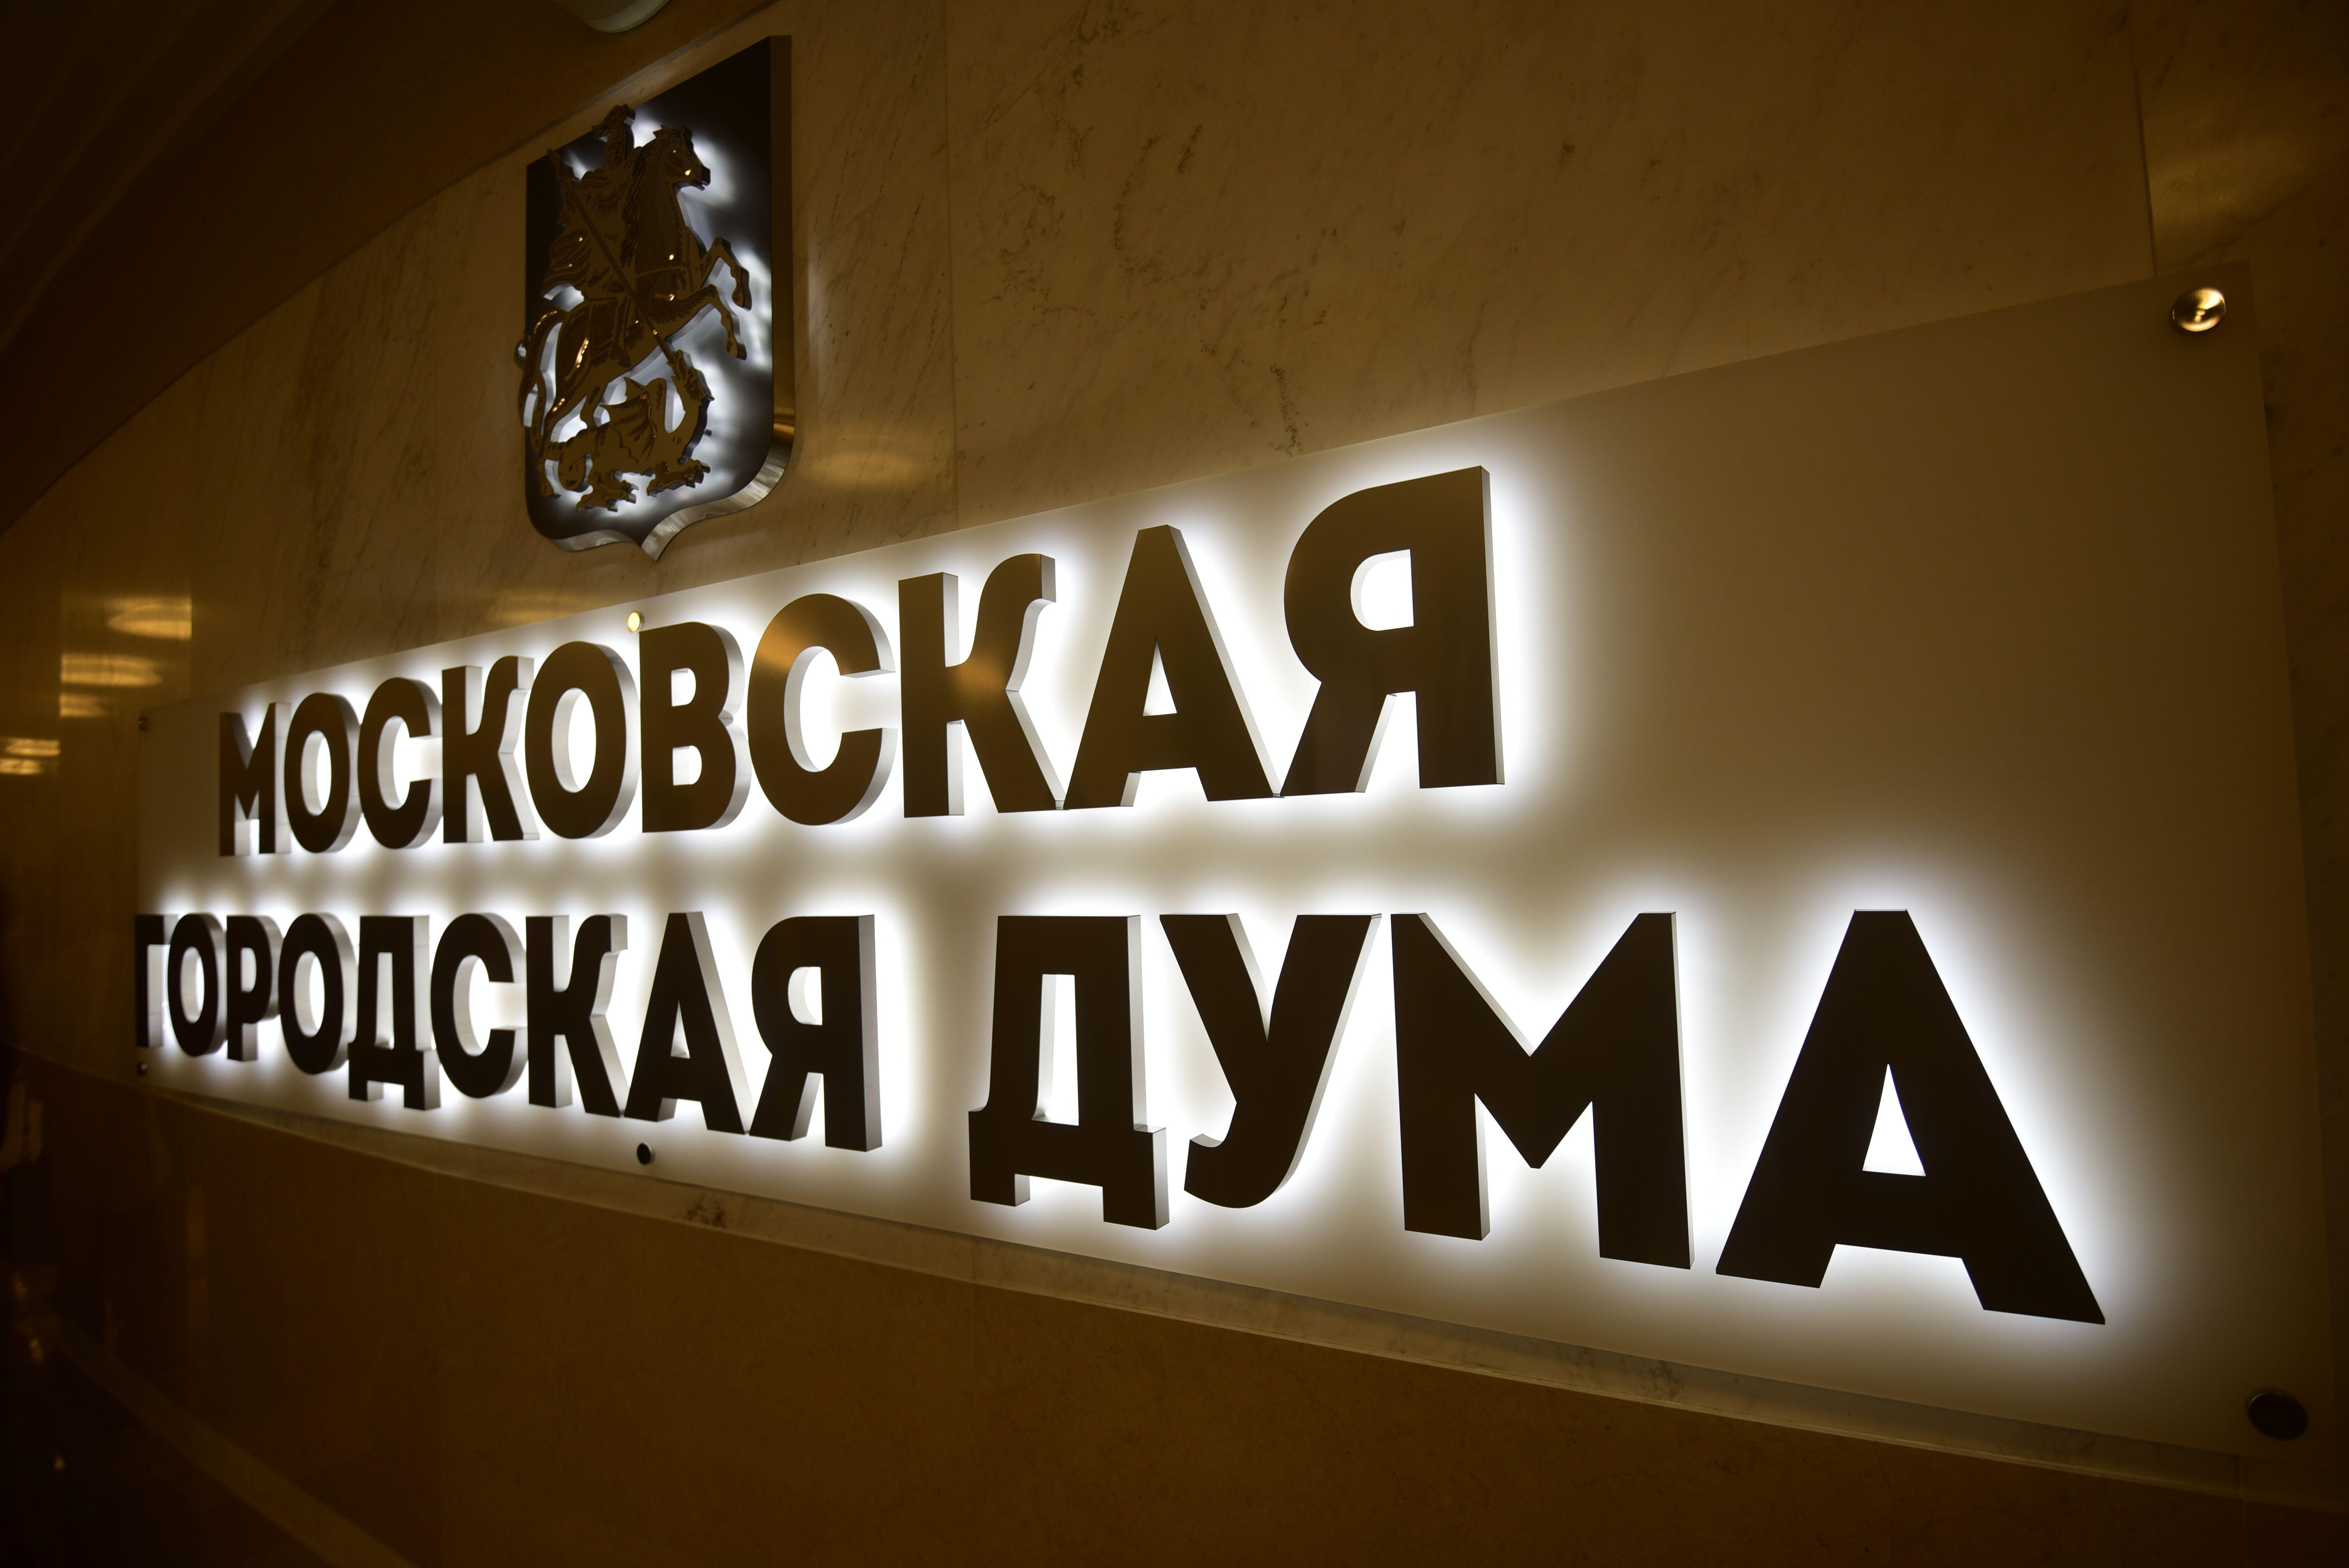 Венедиктов рассказал о неуязвимости системы голосования перед выборами в Мосгордуму